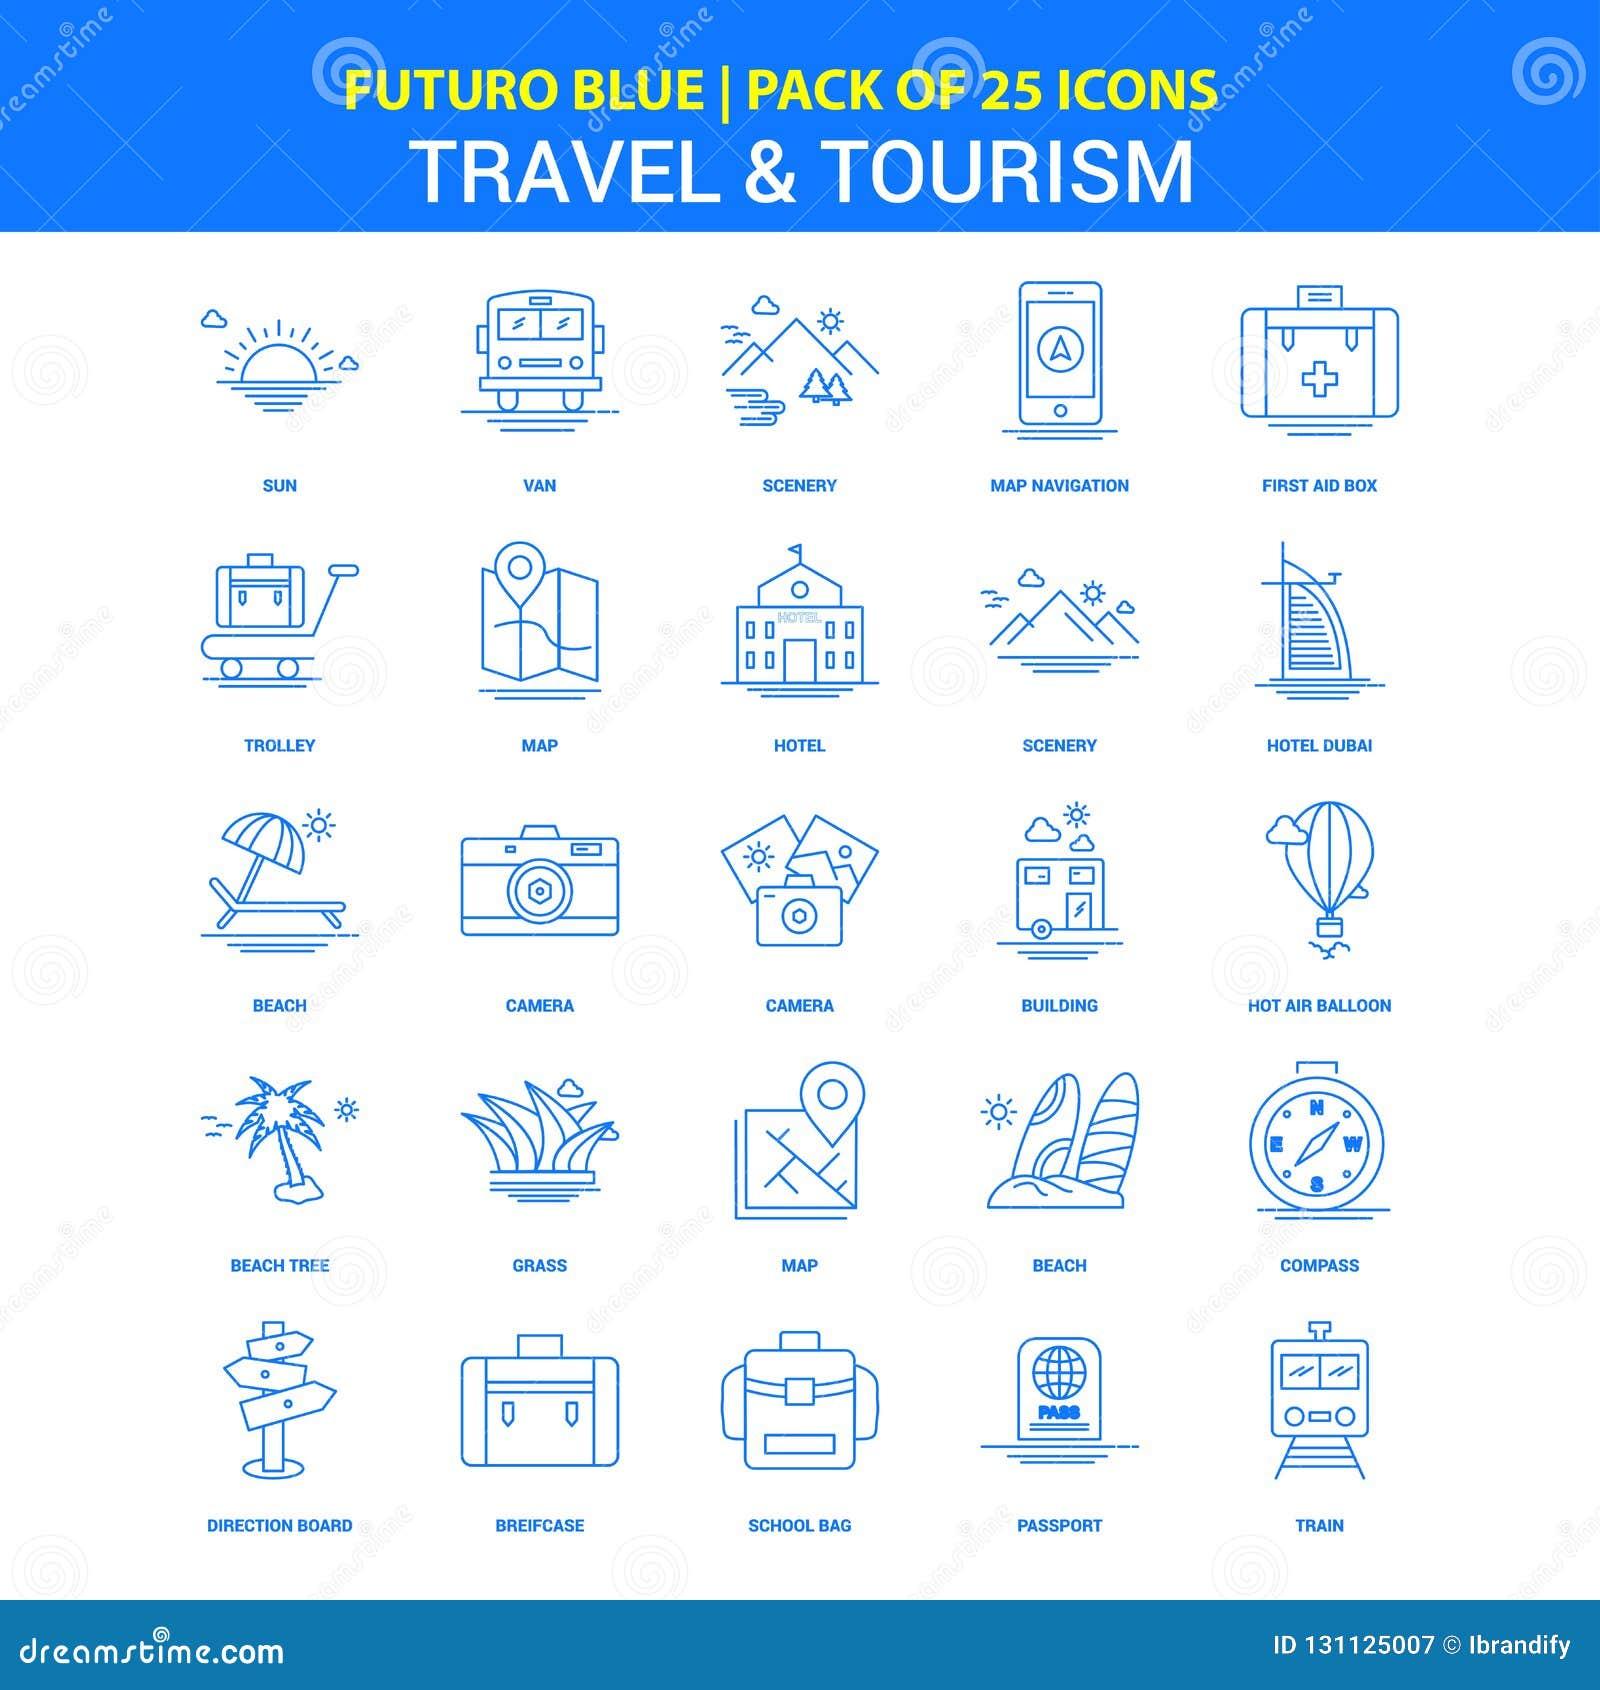 Значки перемещения и туризма - пакет 25 значков Futuro голубой